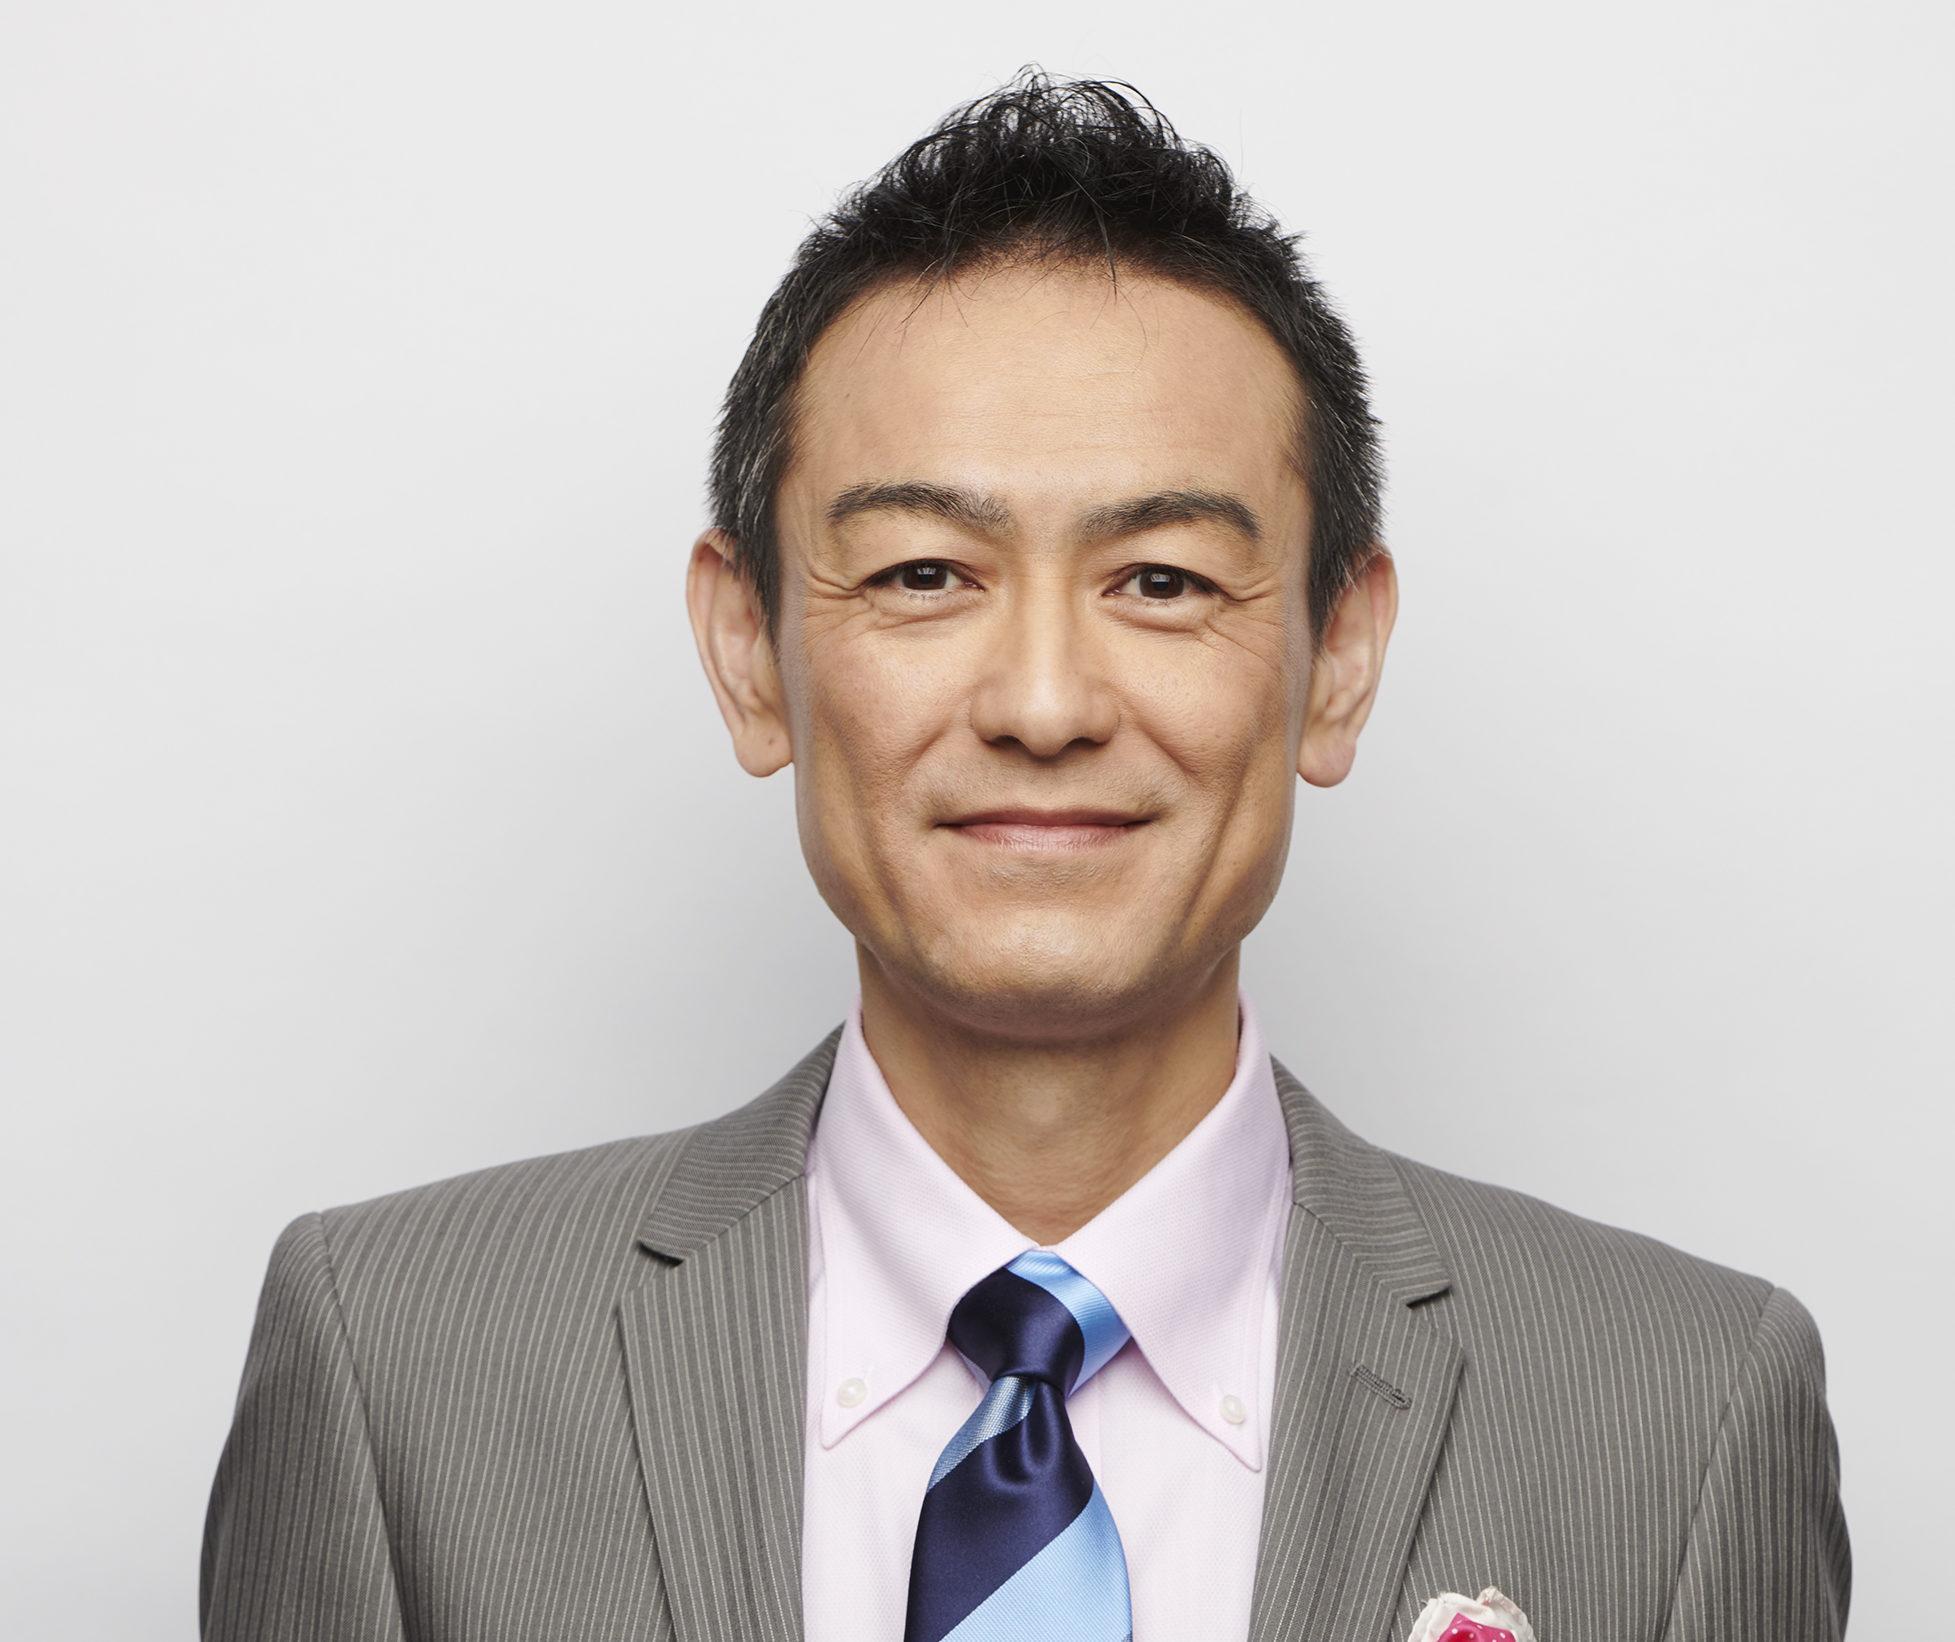 真下貴アナ(NHK)が病気で激ヤセ?結婚や学歴、身長や年収は?【てれまさむね】